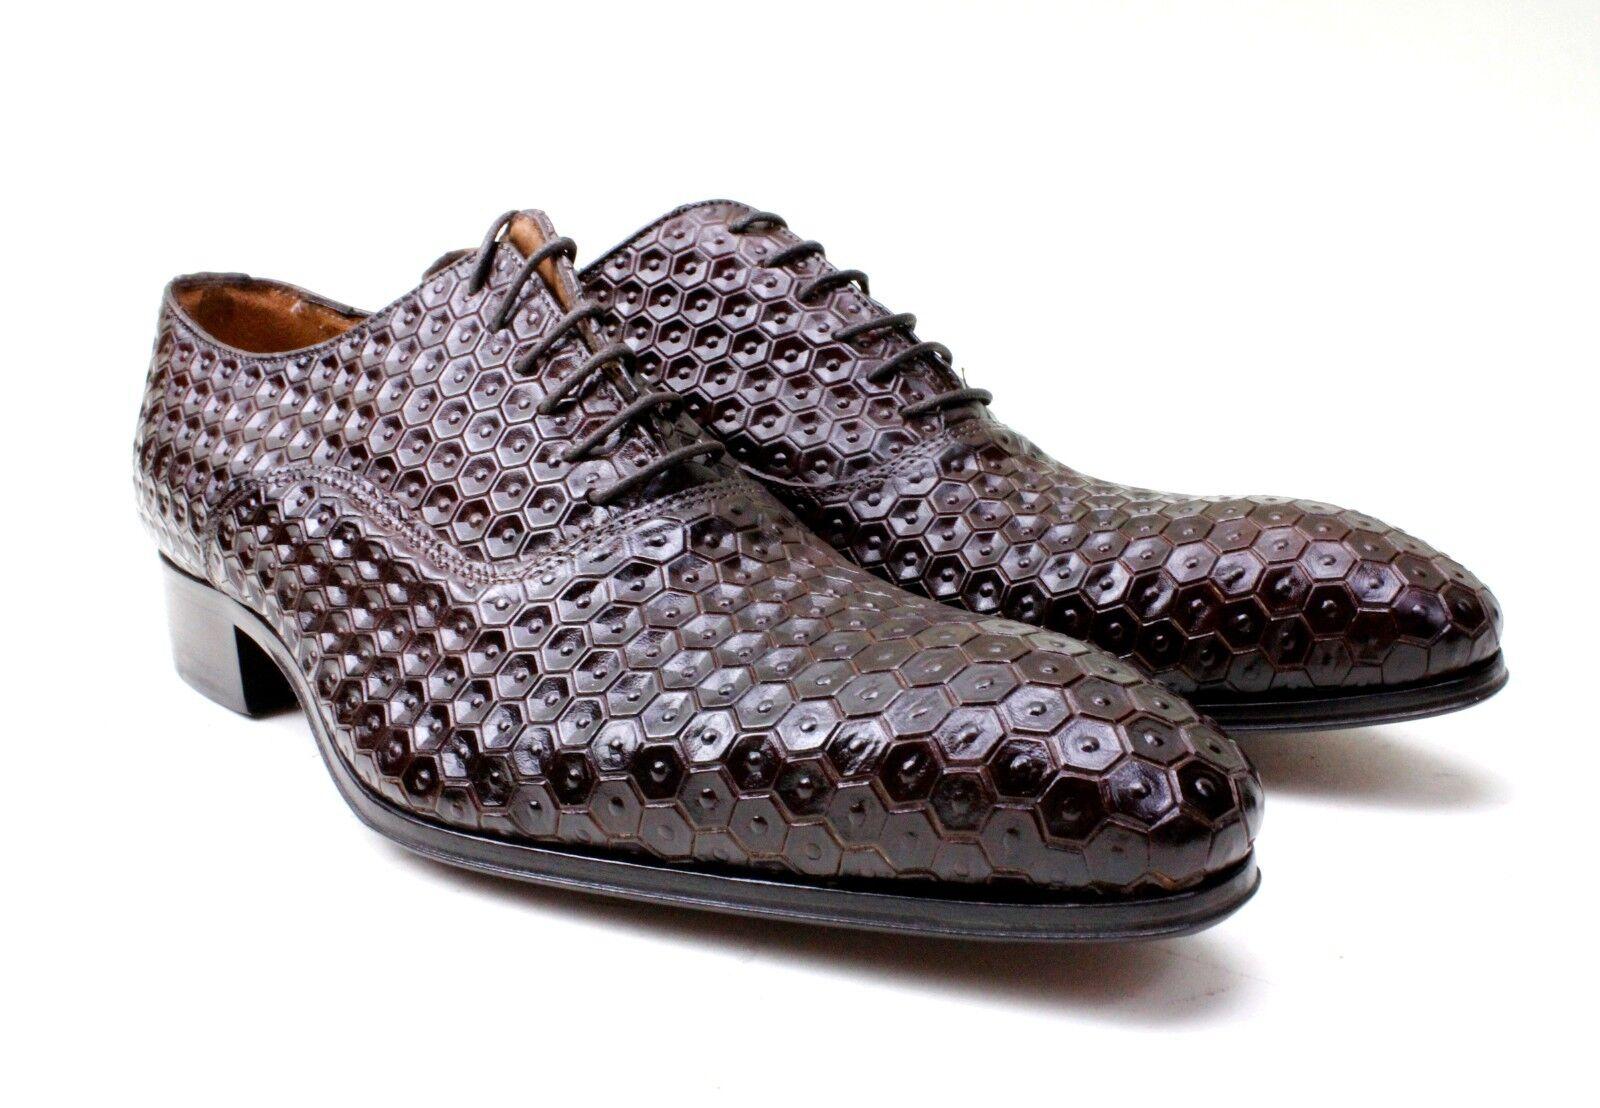 Ivan Troy Marrón Baye Hecho a Mano Cuero Italiano Zapatos Vestido Oxford